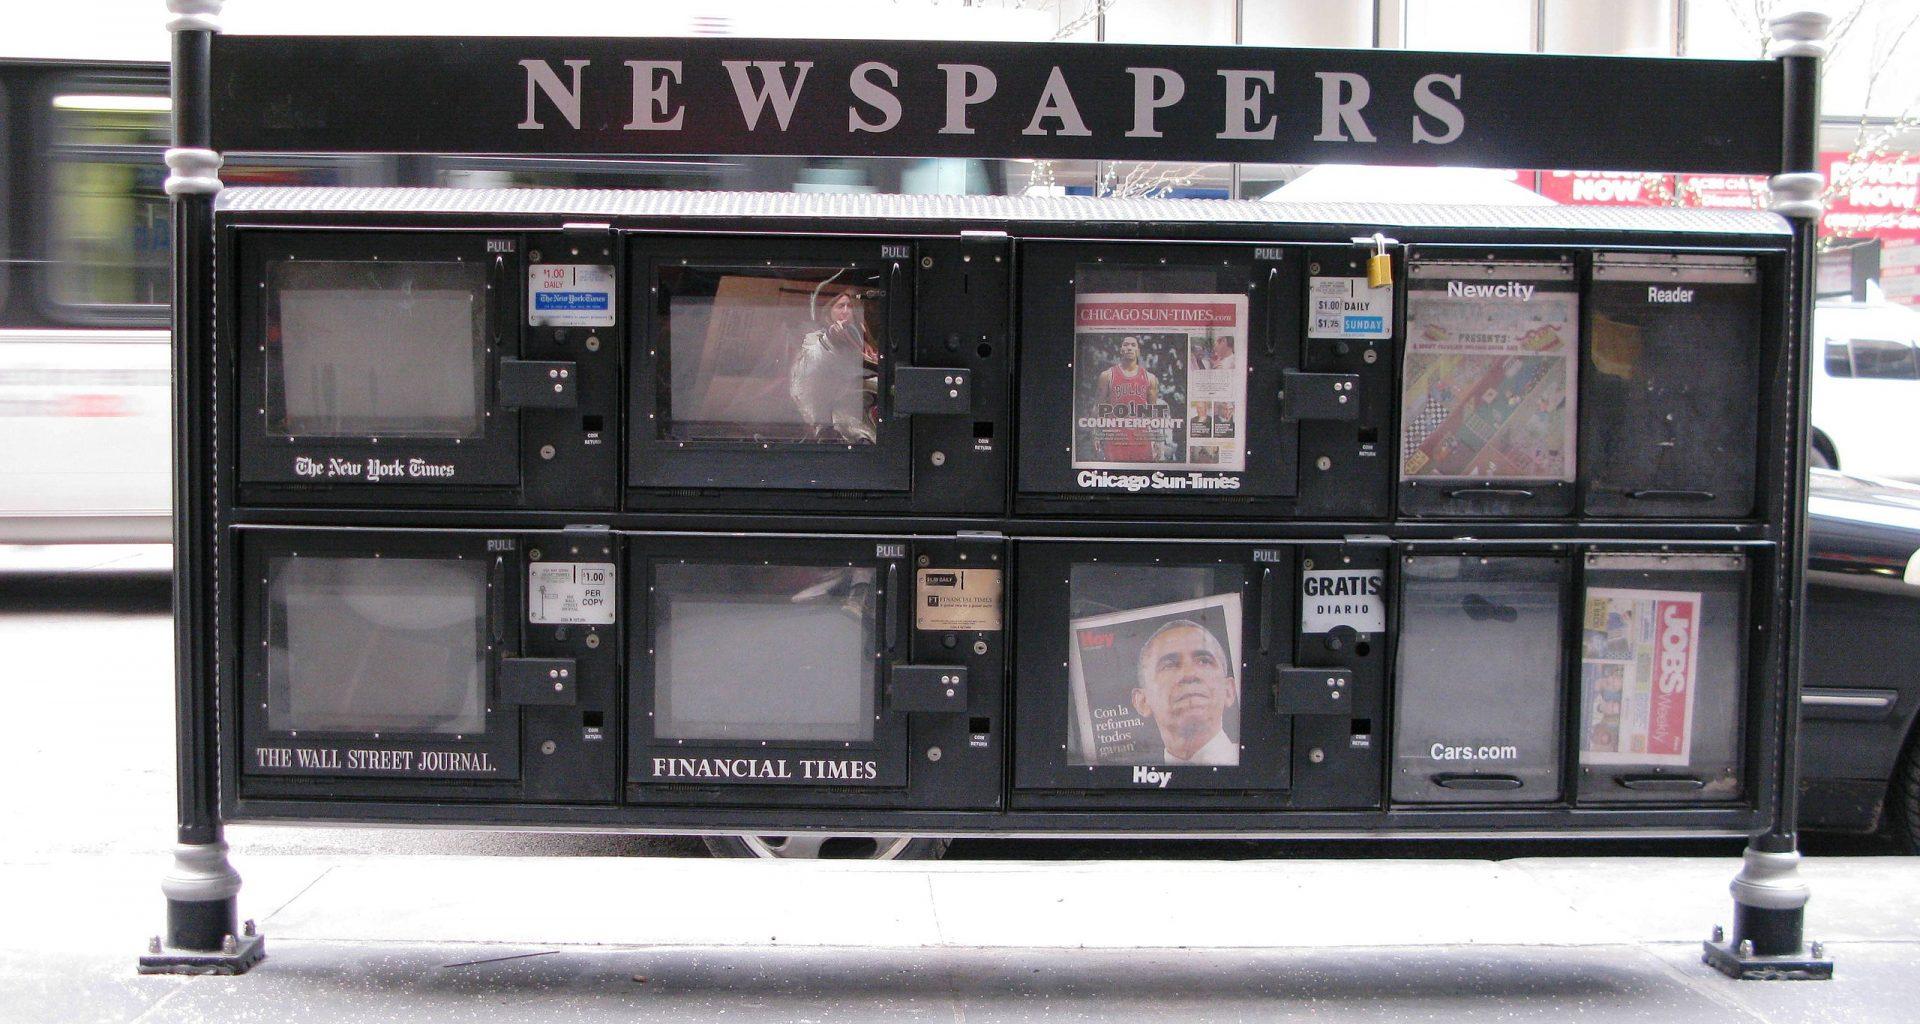 ABD'deki eski gazete otomatlarından bir tanesi.